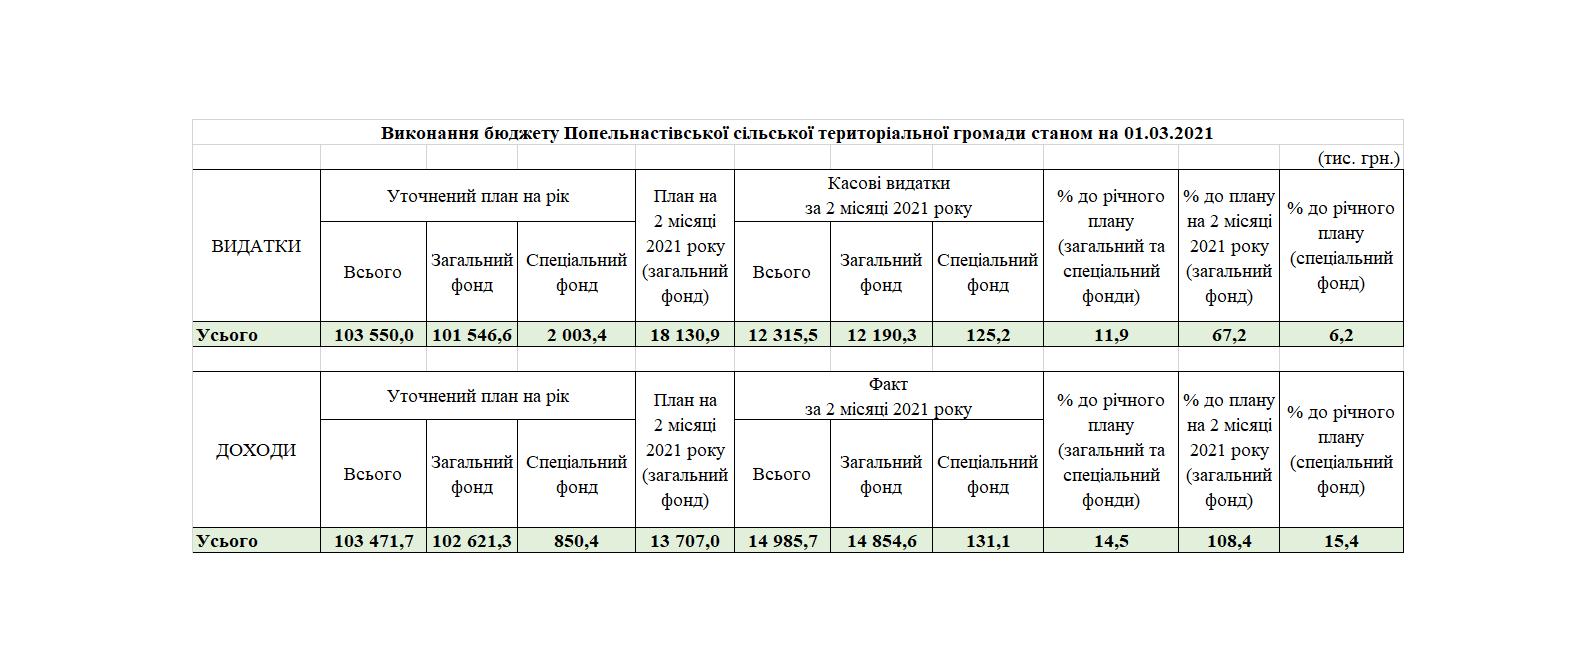 Виконання бюджету Попельнастівської сільської територіальної громади станом на 01.03.2021